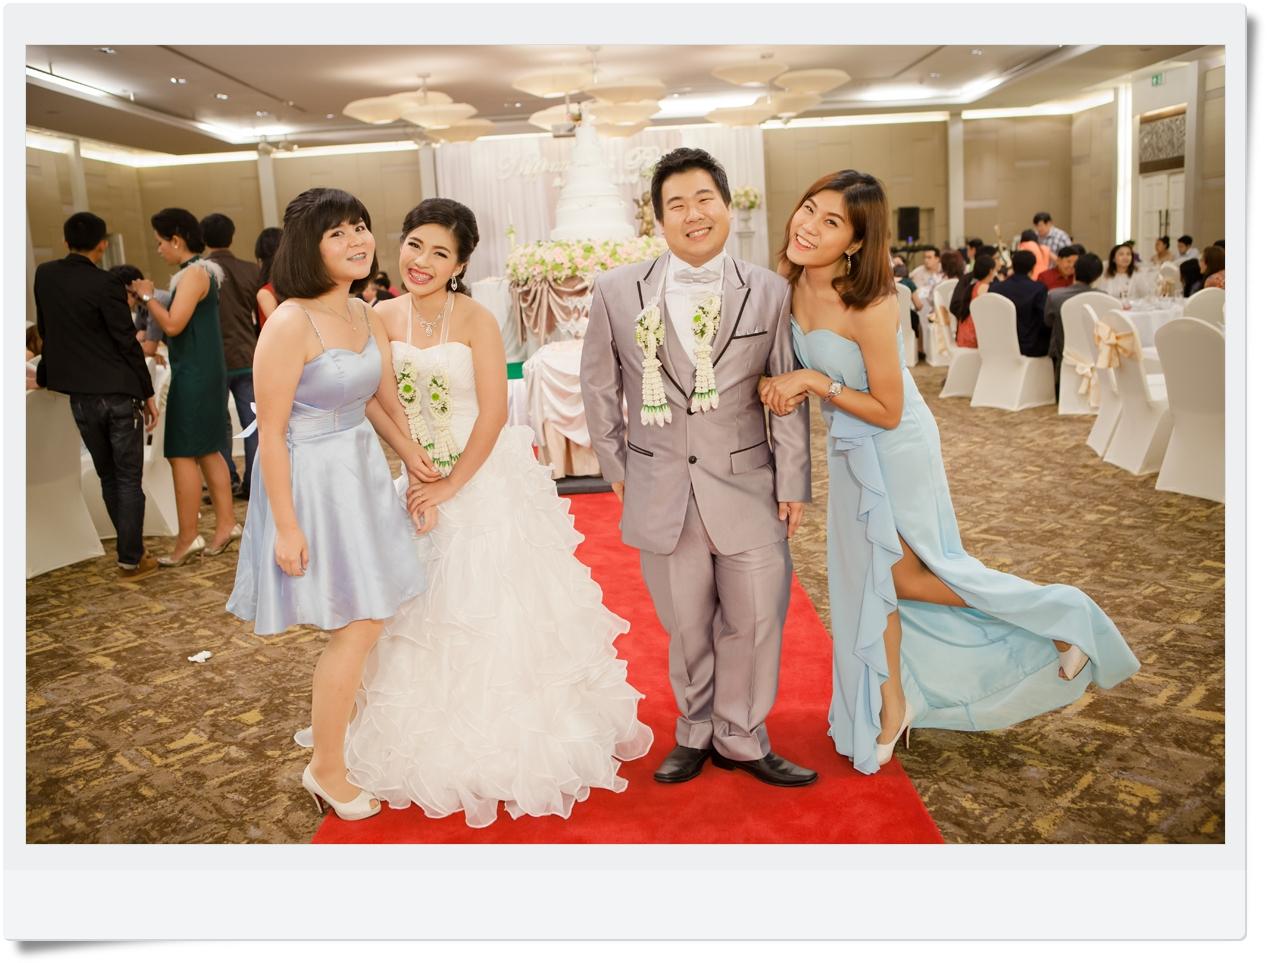 ถ่ายภาพแต่งงาน วันงาน